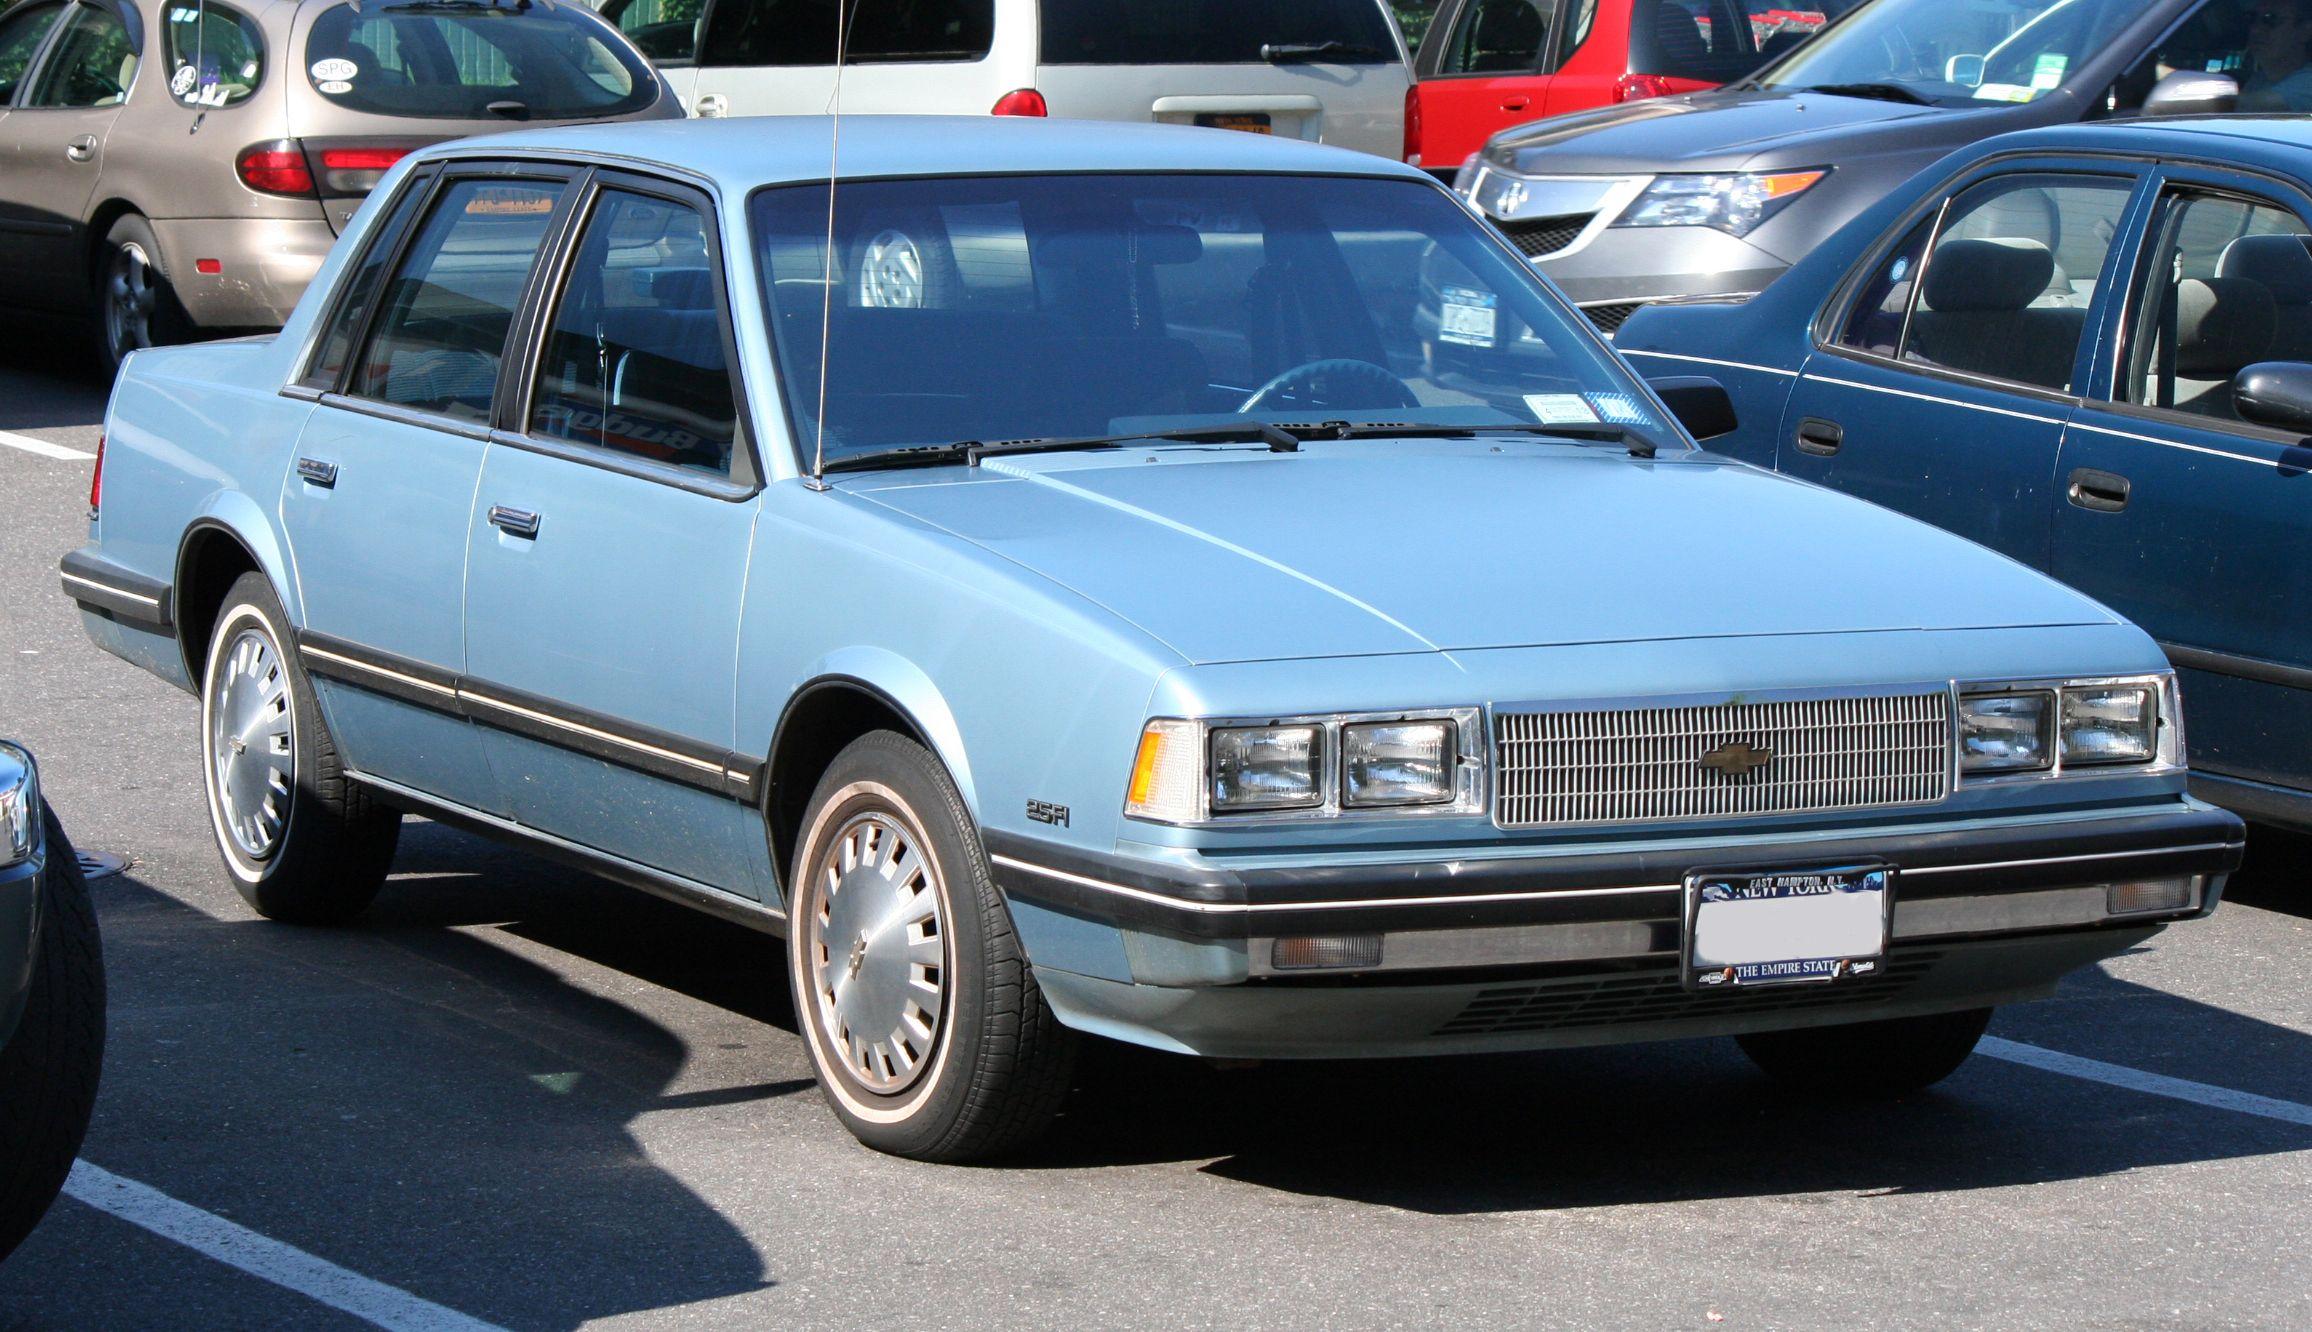 1984 Chevy Celebrity Light Bulbs - CARiD.com